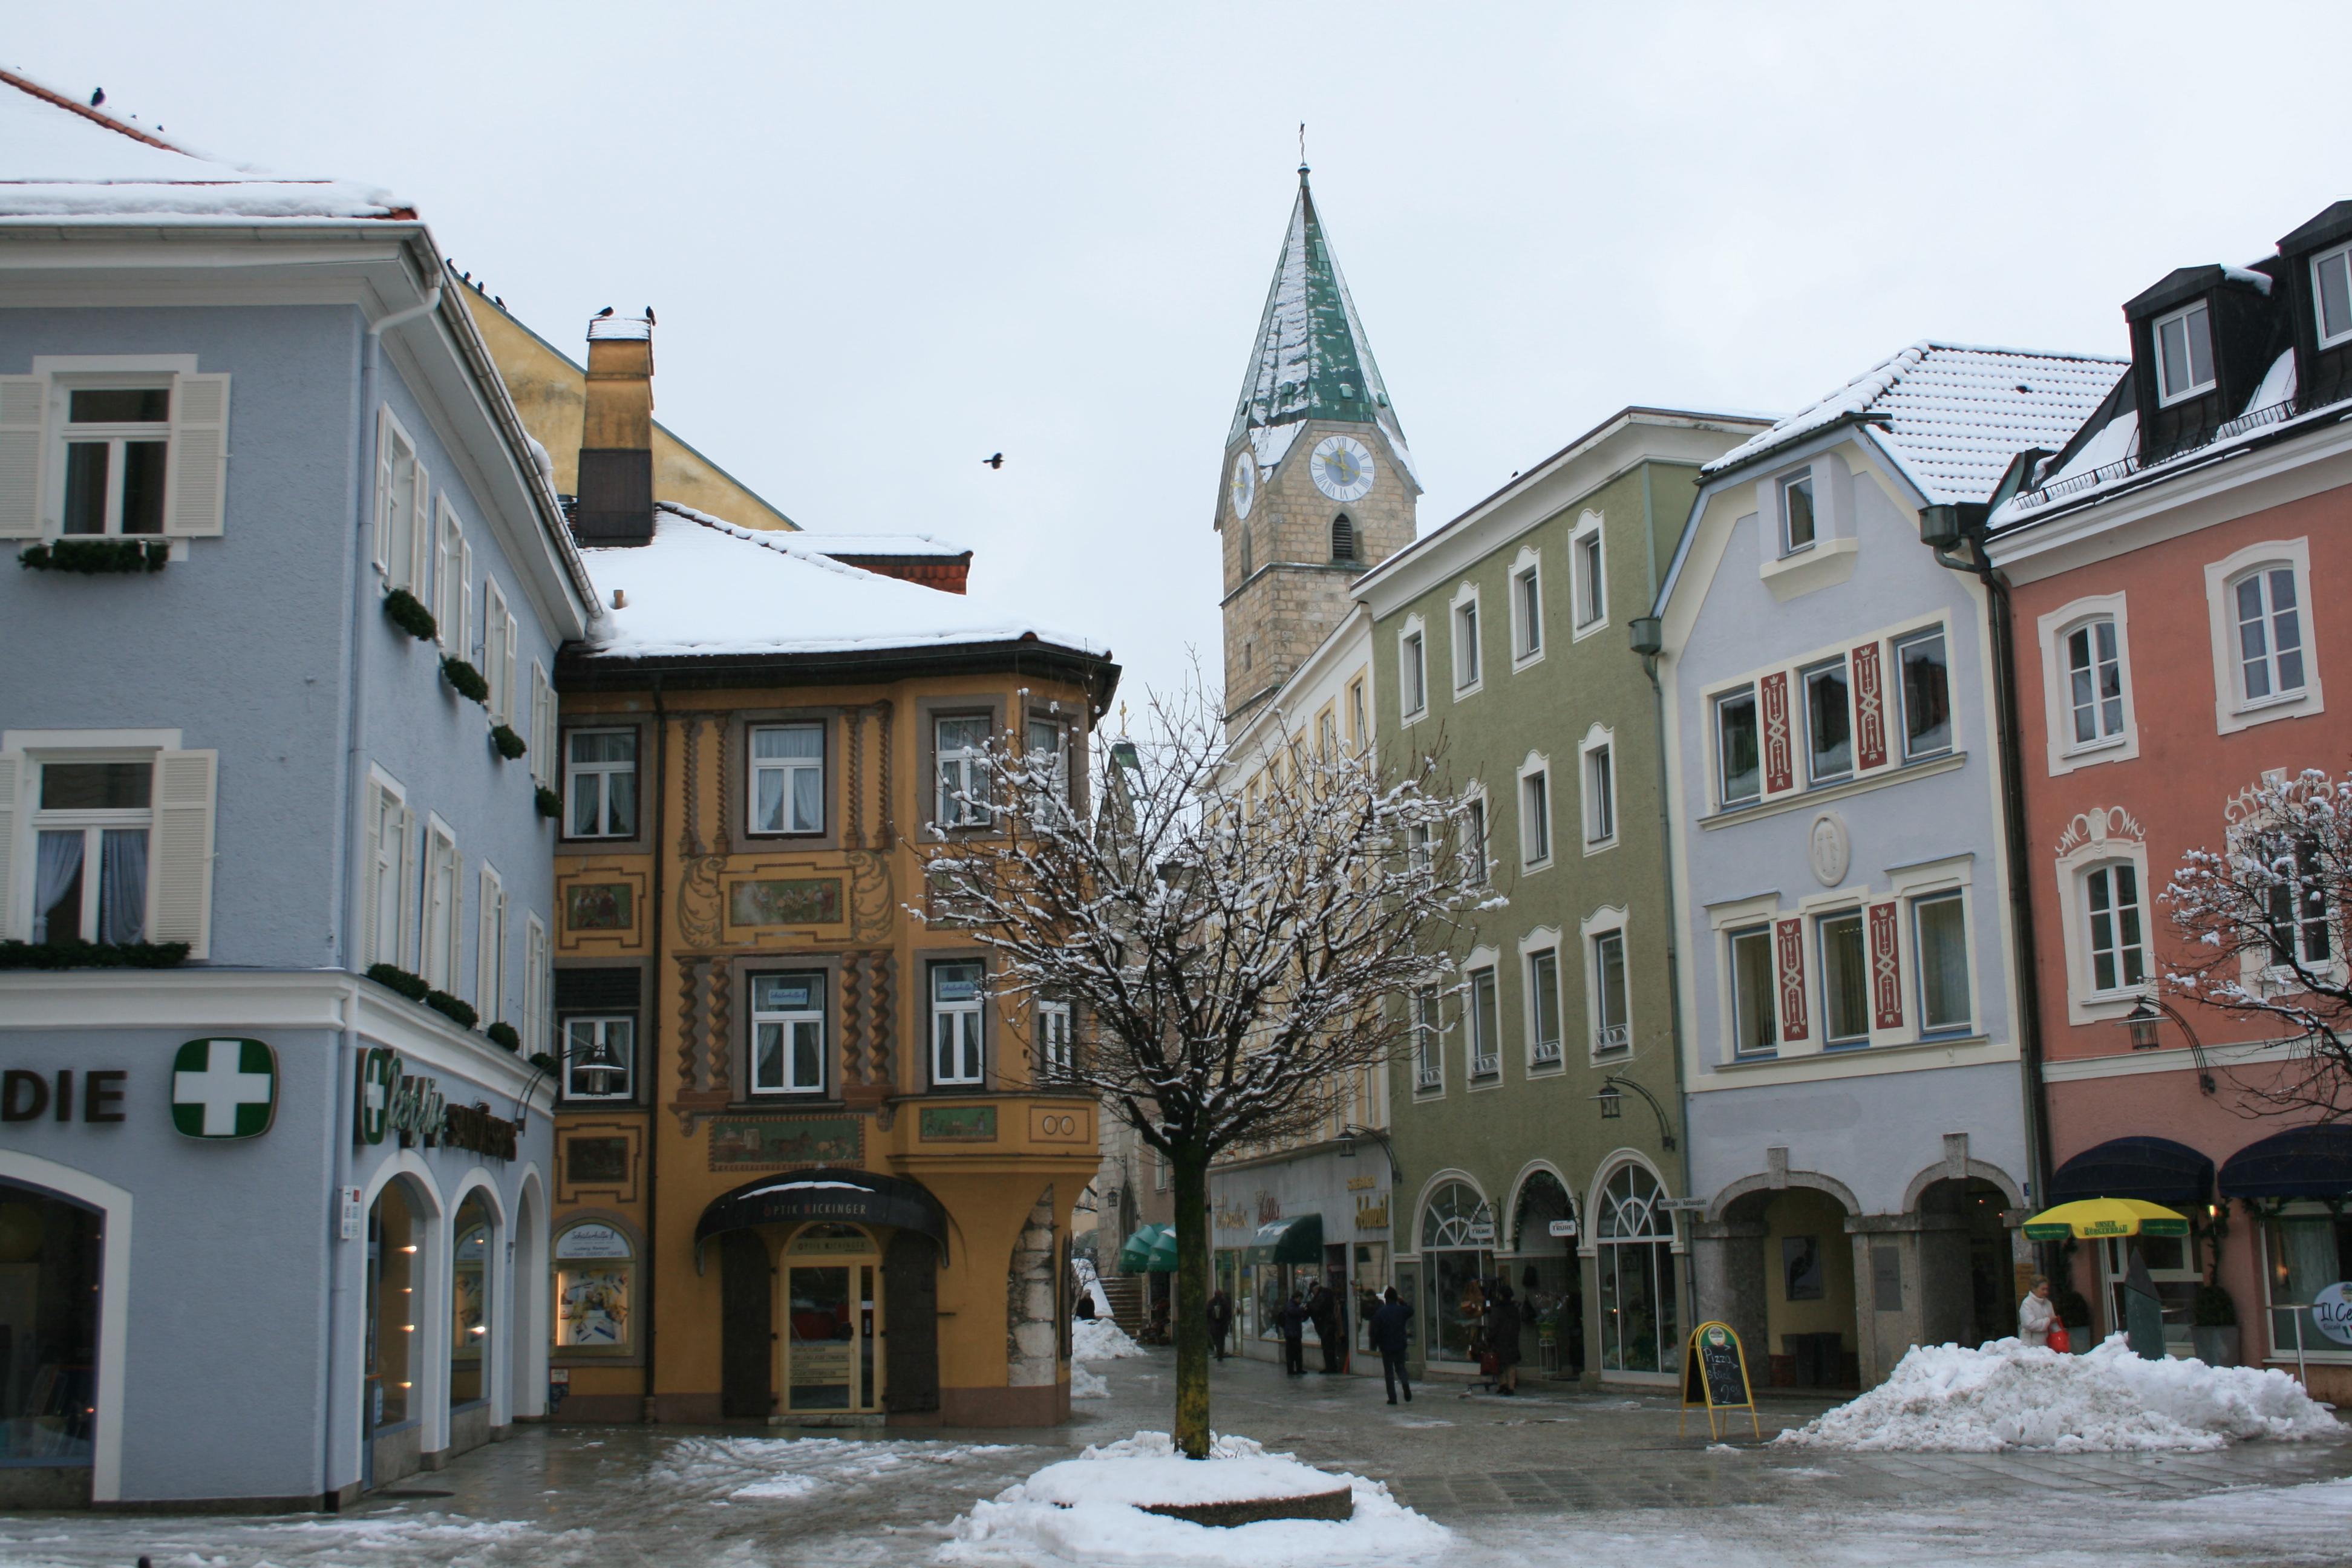 La bavi re en hiver et en photos ideoz voyages - Office de tourisme munich ...